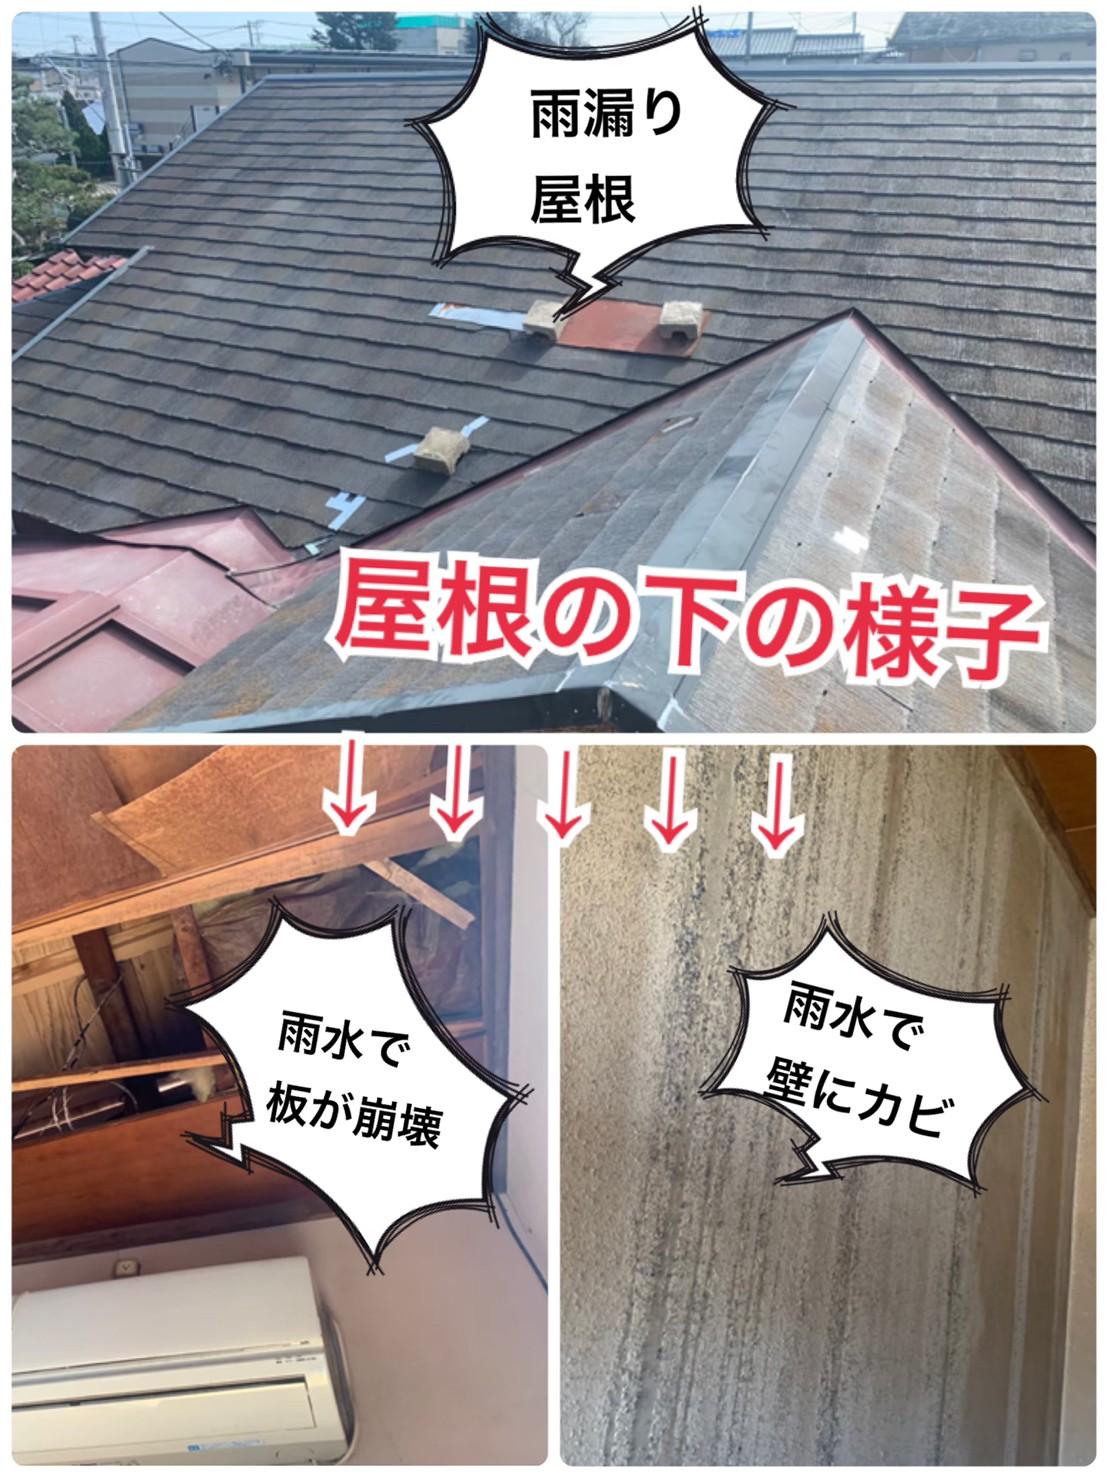 梅雨本番前に是非ご相談ください!☔屋根からの雨漏り☔